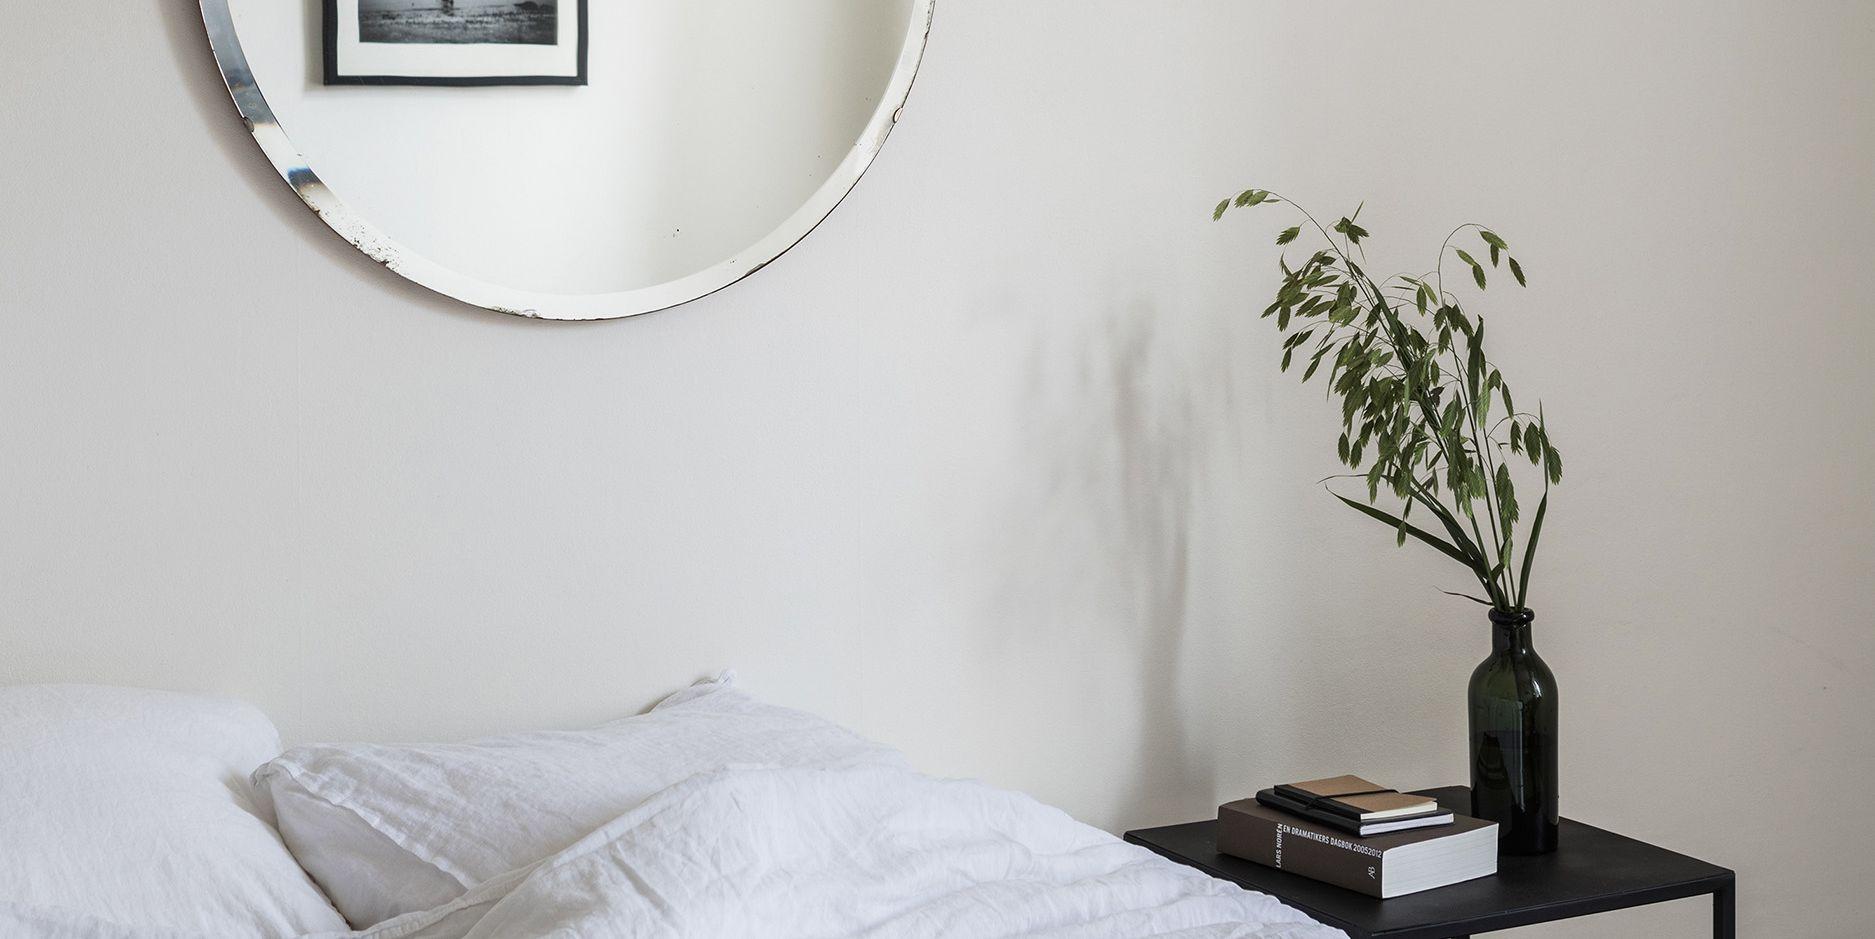 33 Minimalist Bedroom Ideas Even Maximalists Will Love